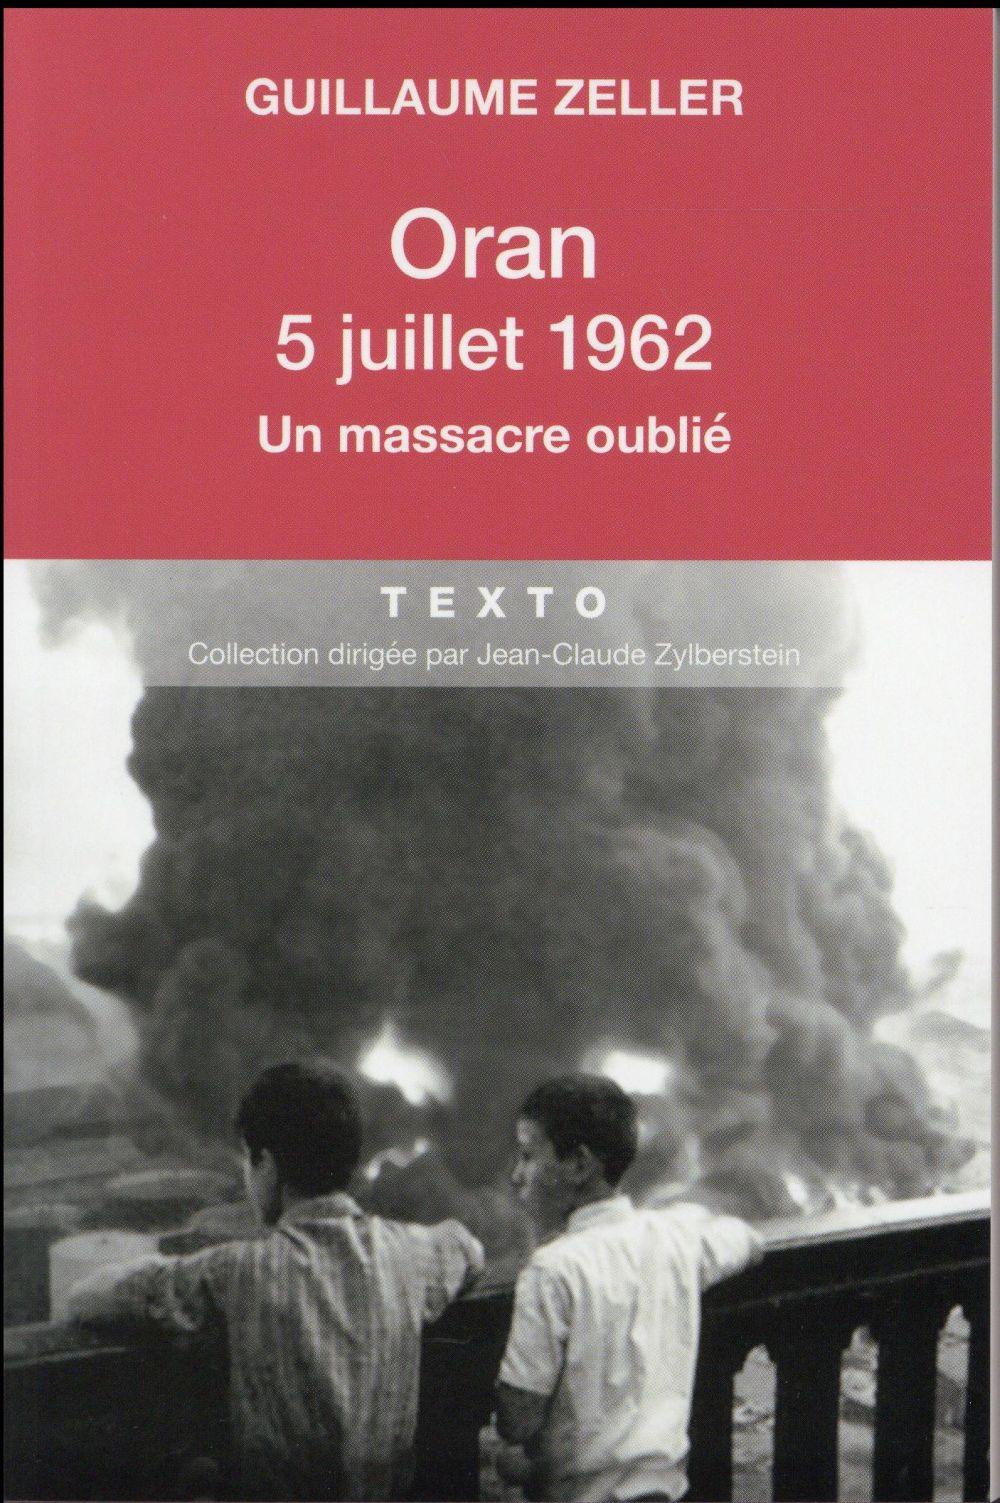 ORAN 5 JUILLET 1962 UN MASSACRE OUBLIE